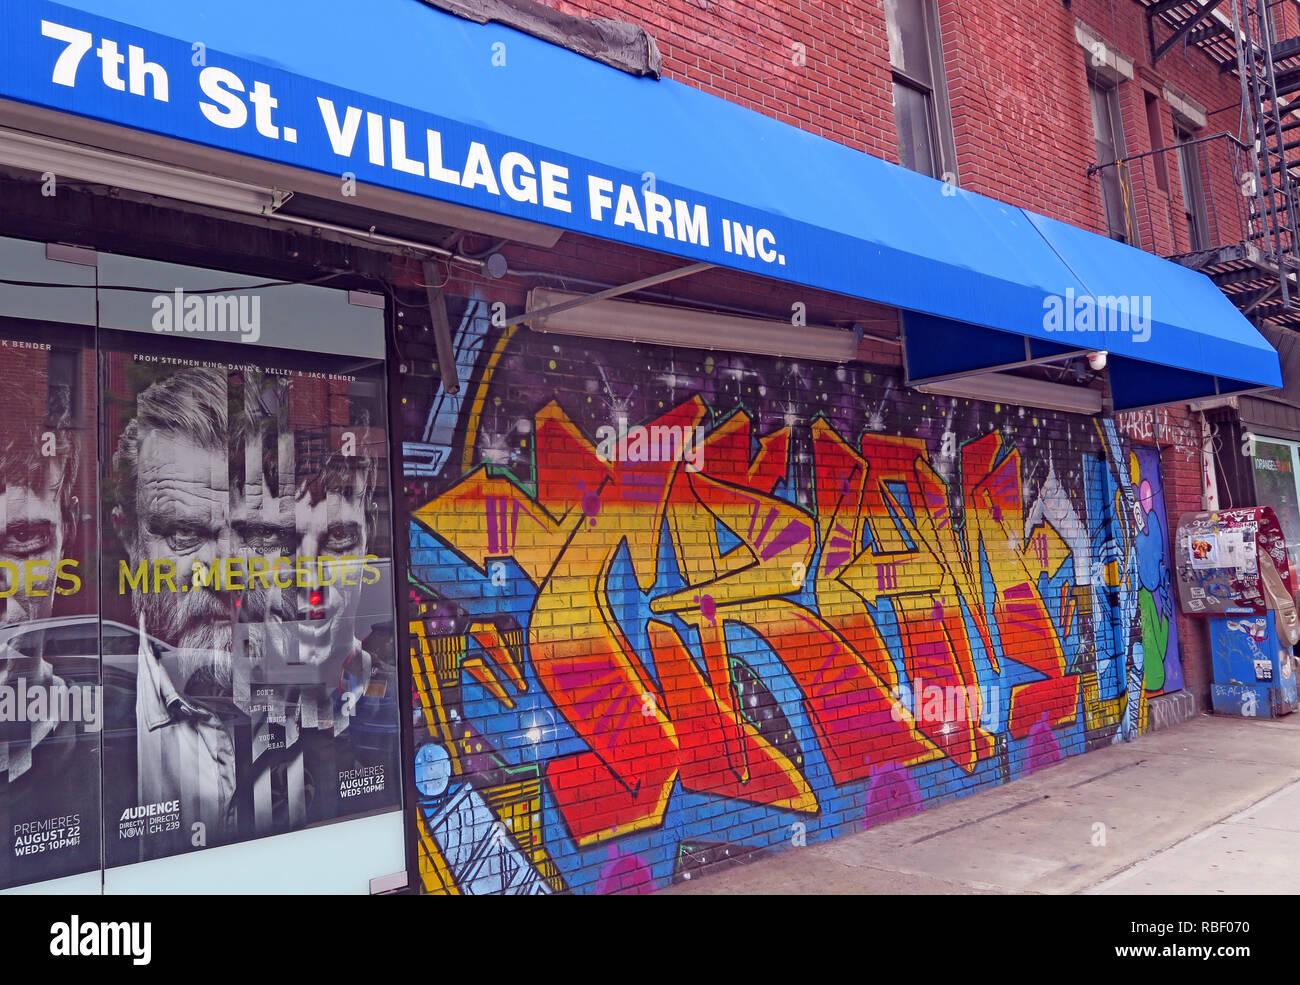 GoTonySmith,@HotpixUK,HotpixUK,NYC,St Marks Place,New York St Marks Place,street,New York Street,USA,America,City Centre,city,centre,center,city center,East Village,Eastvillage,store,stores,shop,graffiti,paint,art,urban,Manhattan,NY,86,East 7th Street,7th St